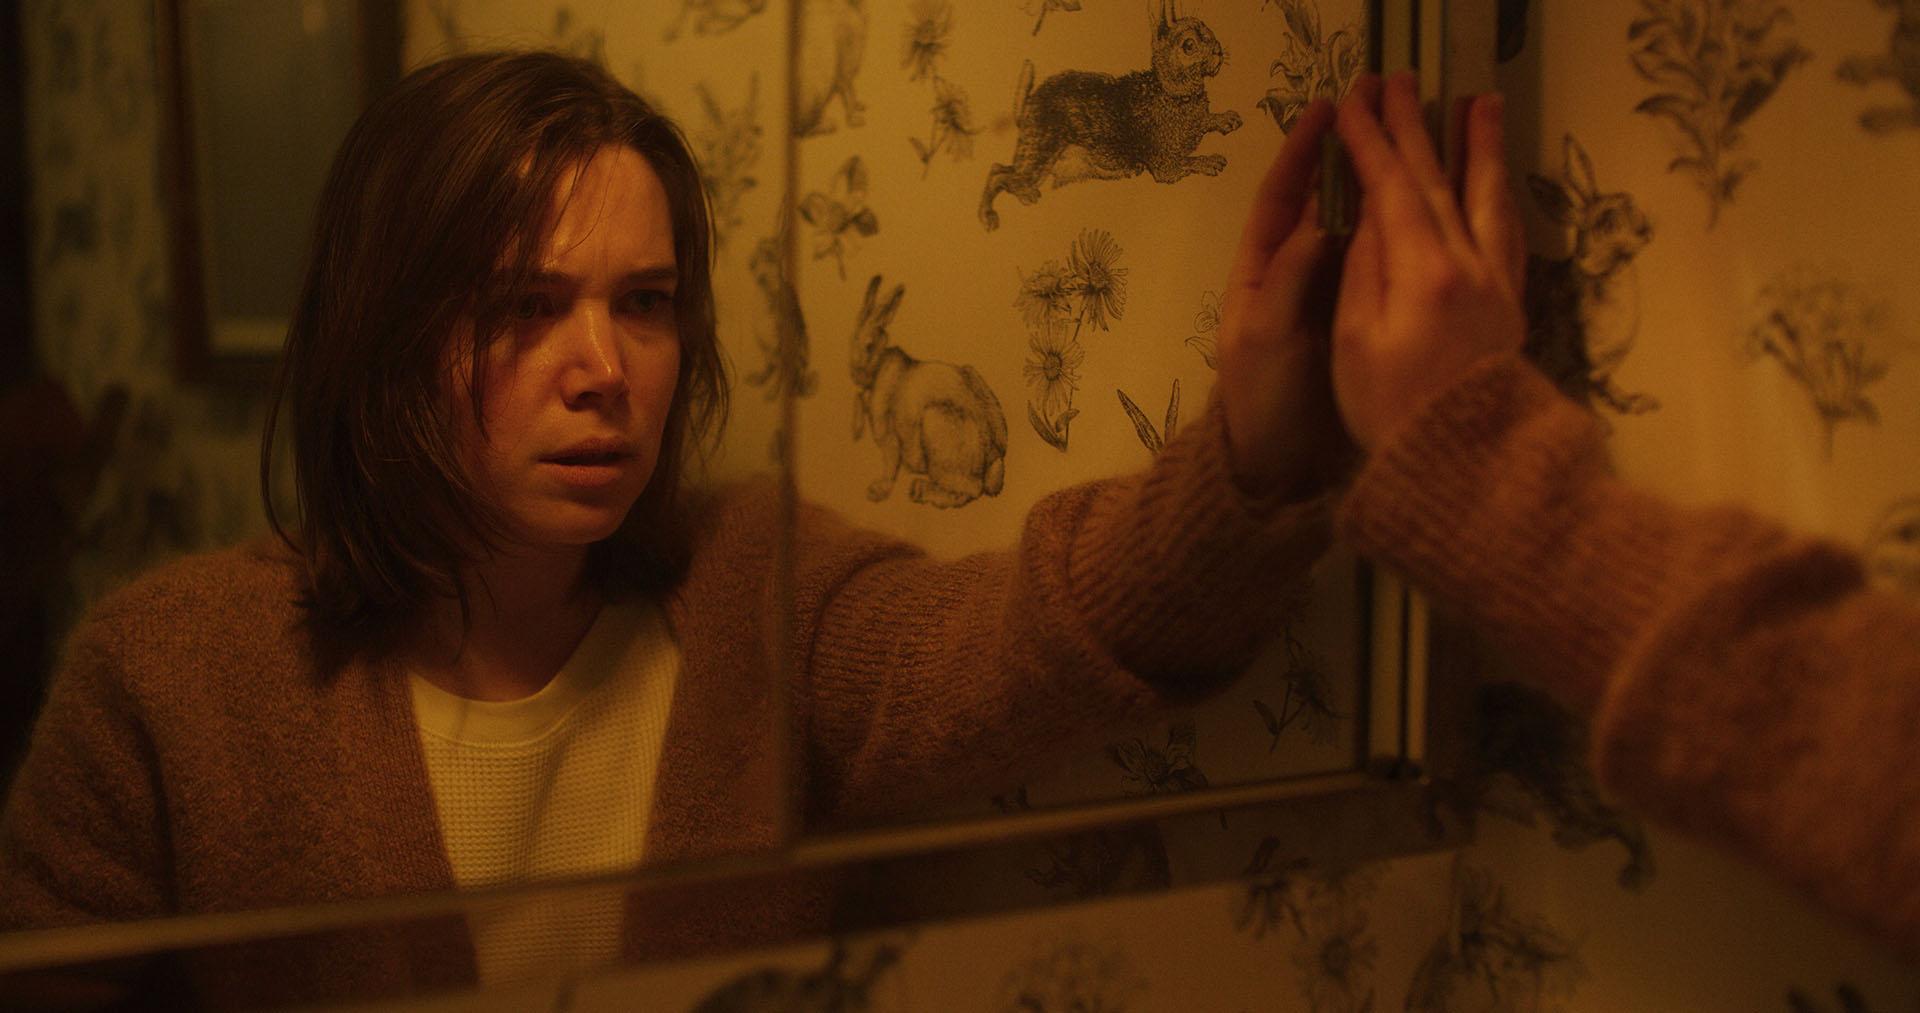 Cna do filme Sangre Comigo. Nela, vemos uma mulher branca se olhando no espelho. A coloração da cena é amarela, e ela veste um suéter marrom, seus olhos exprimem medo.